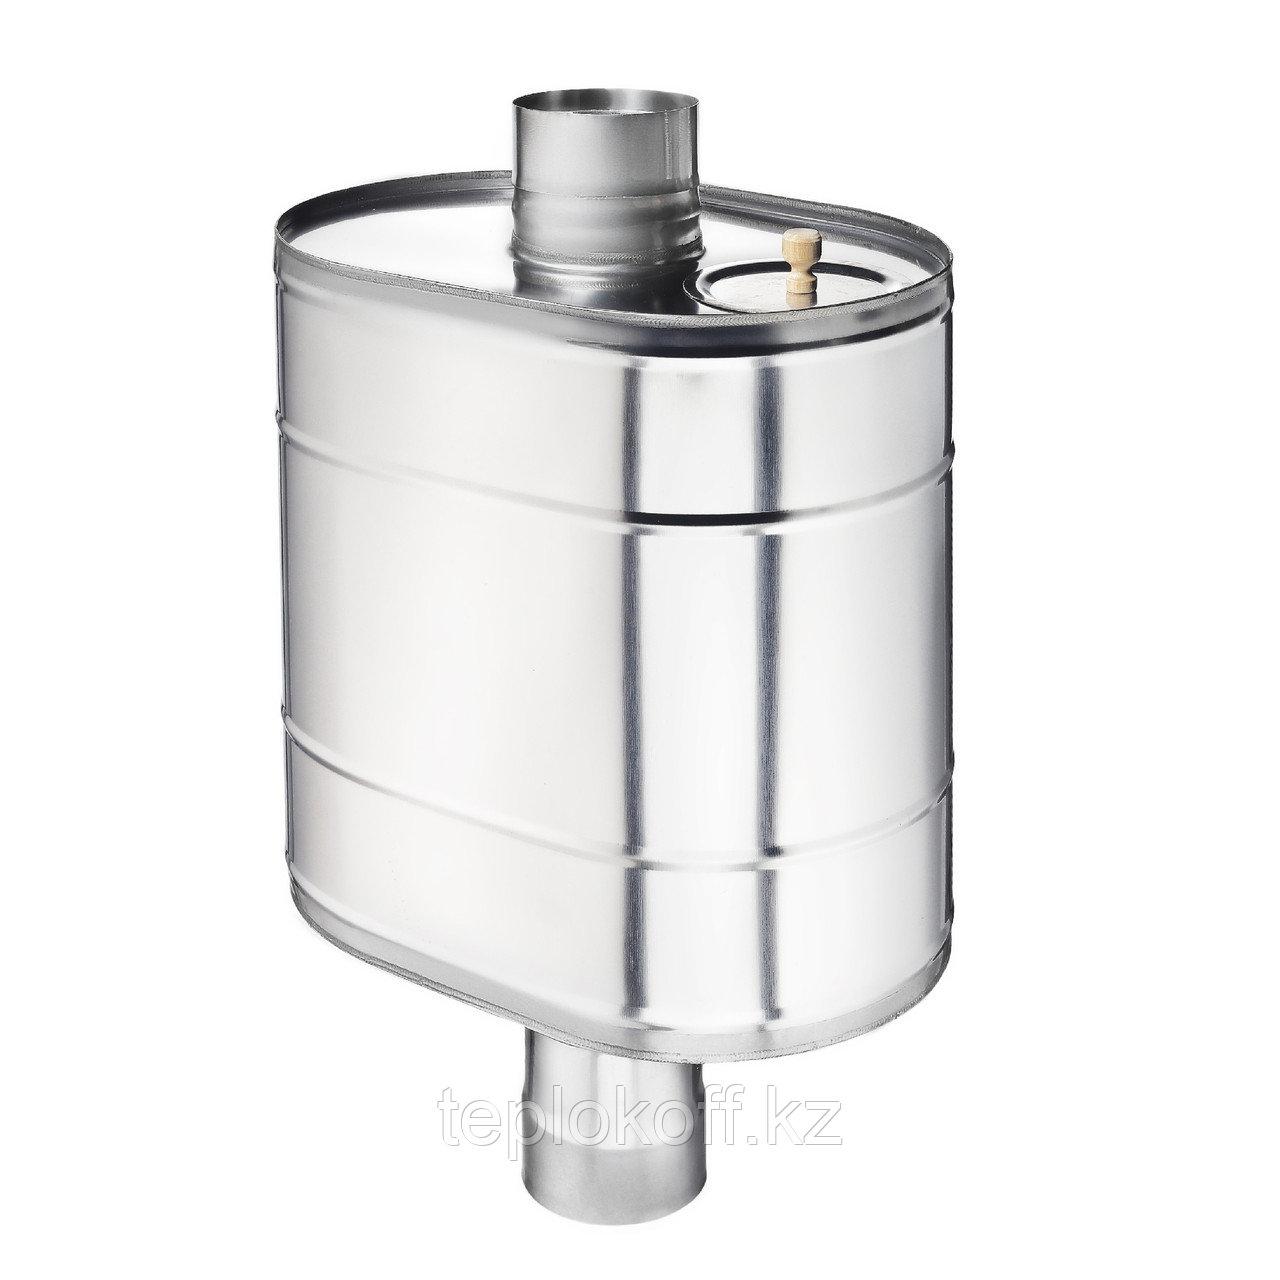 """Бак на трубе для печи 50 литров ф-150 мм, AISI 439/1,0мм, (штуцер 3/4"""")"""